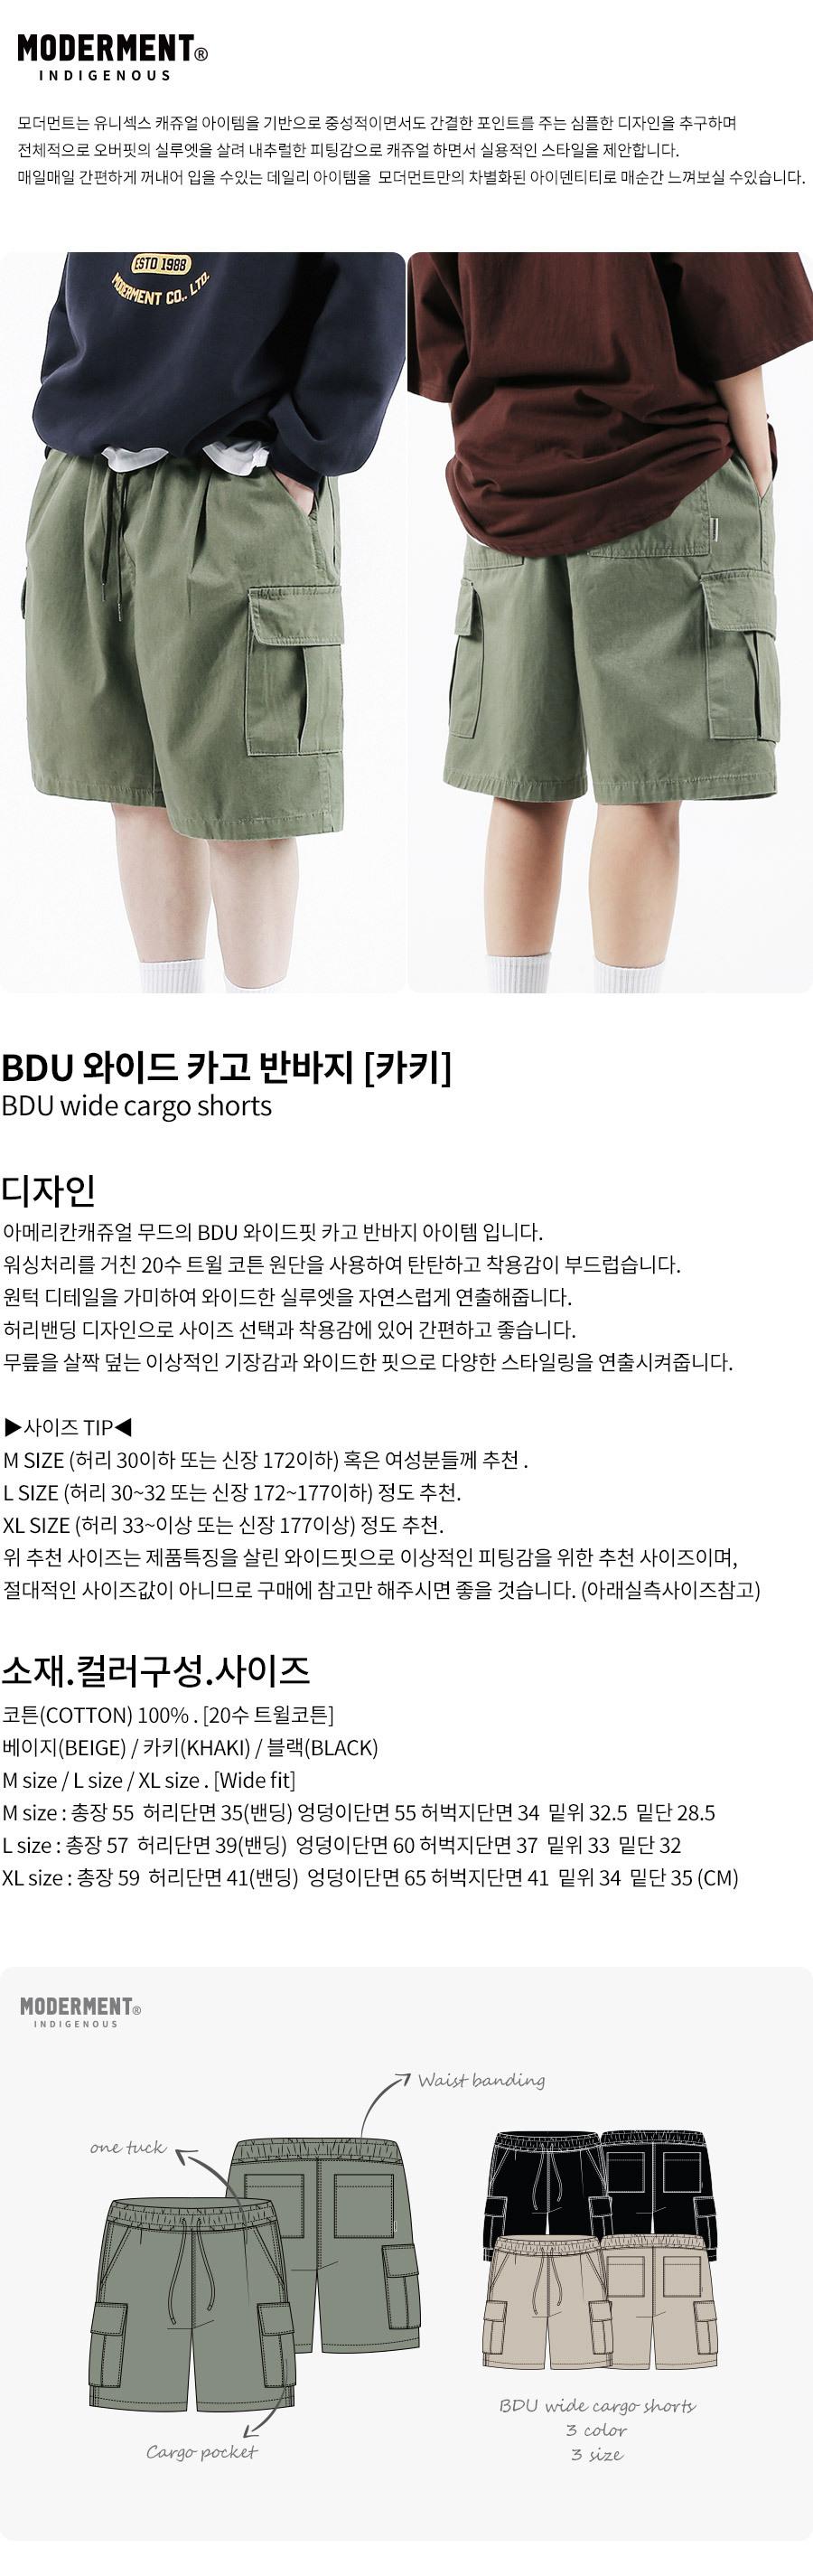 BDU 와이드 카고 반바지 [카키]